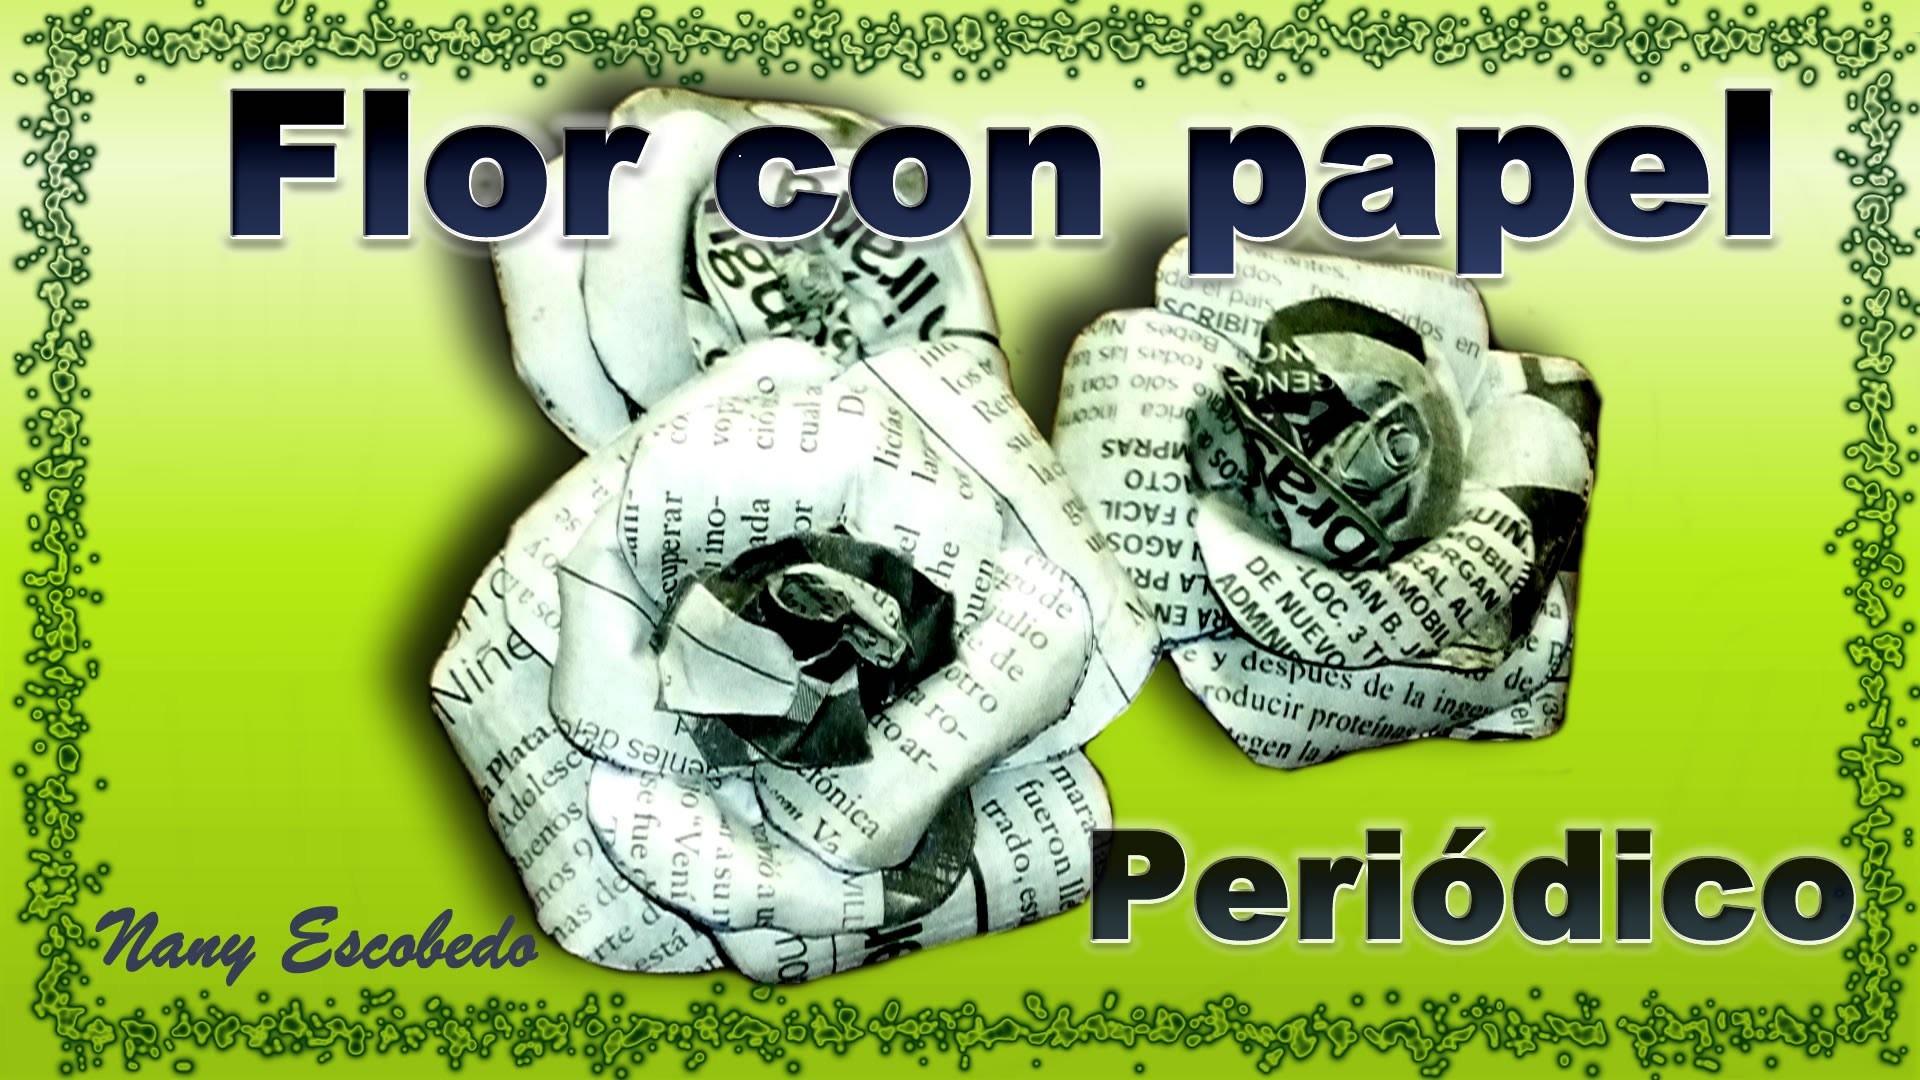 FLOR CON PAPEL PERIÓDICO